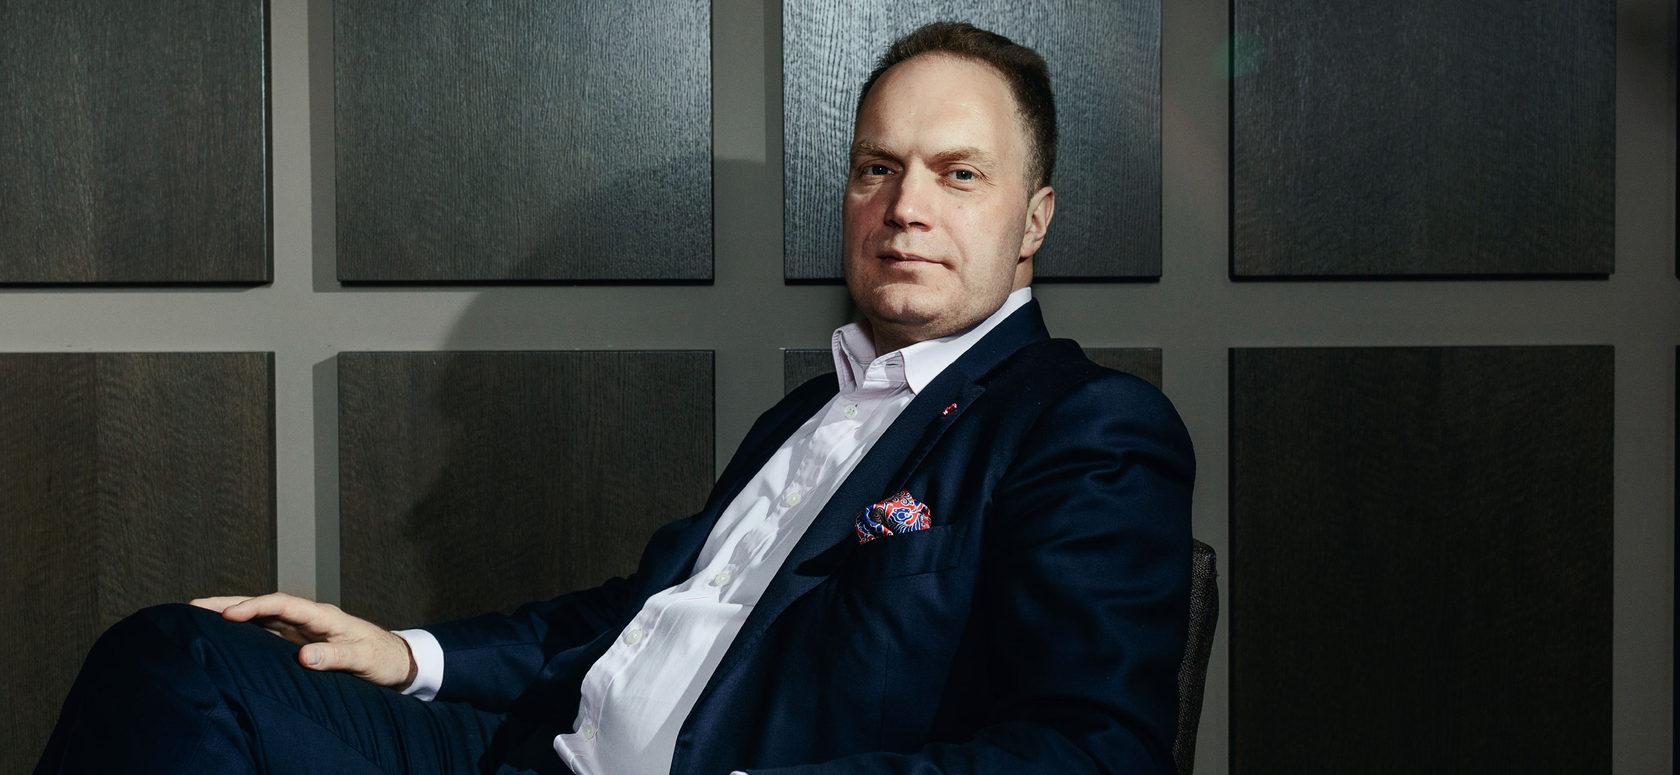 Алексей Горячев: «Доверие в бизнесе – экономическая категория» - #Трансформа1